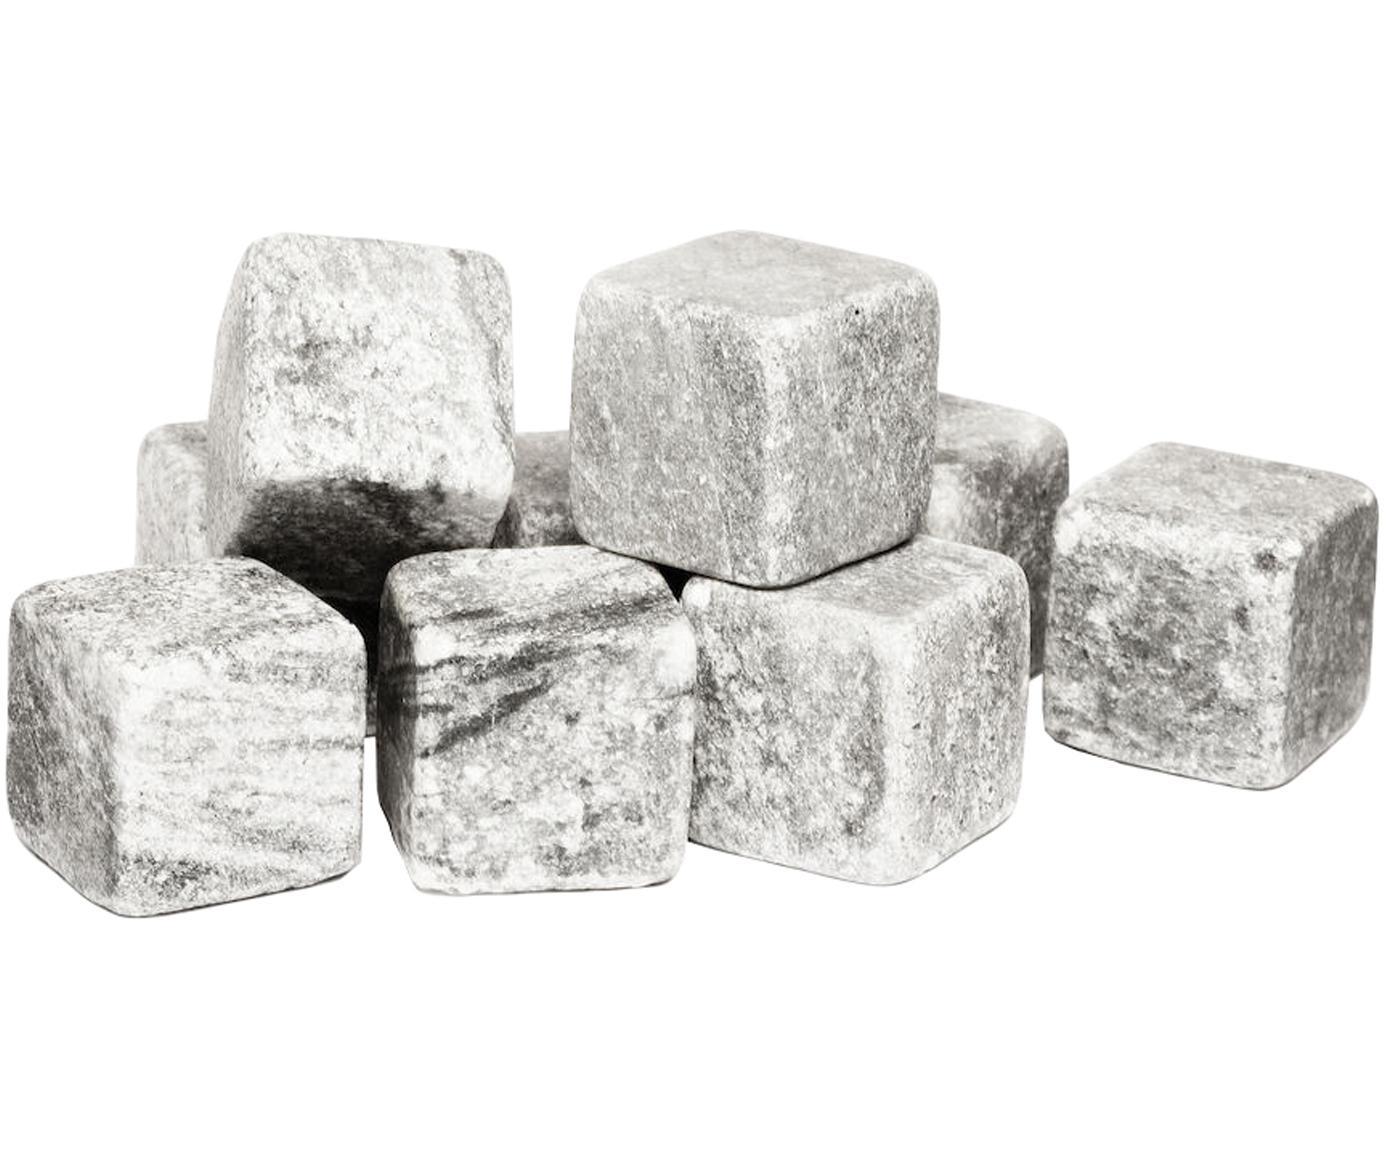 Komplet kamieni do whisky Rocking, 9 elem., Wapień, muślin, Szary, S 2 x W 2 cm